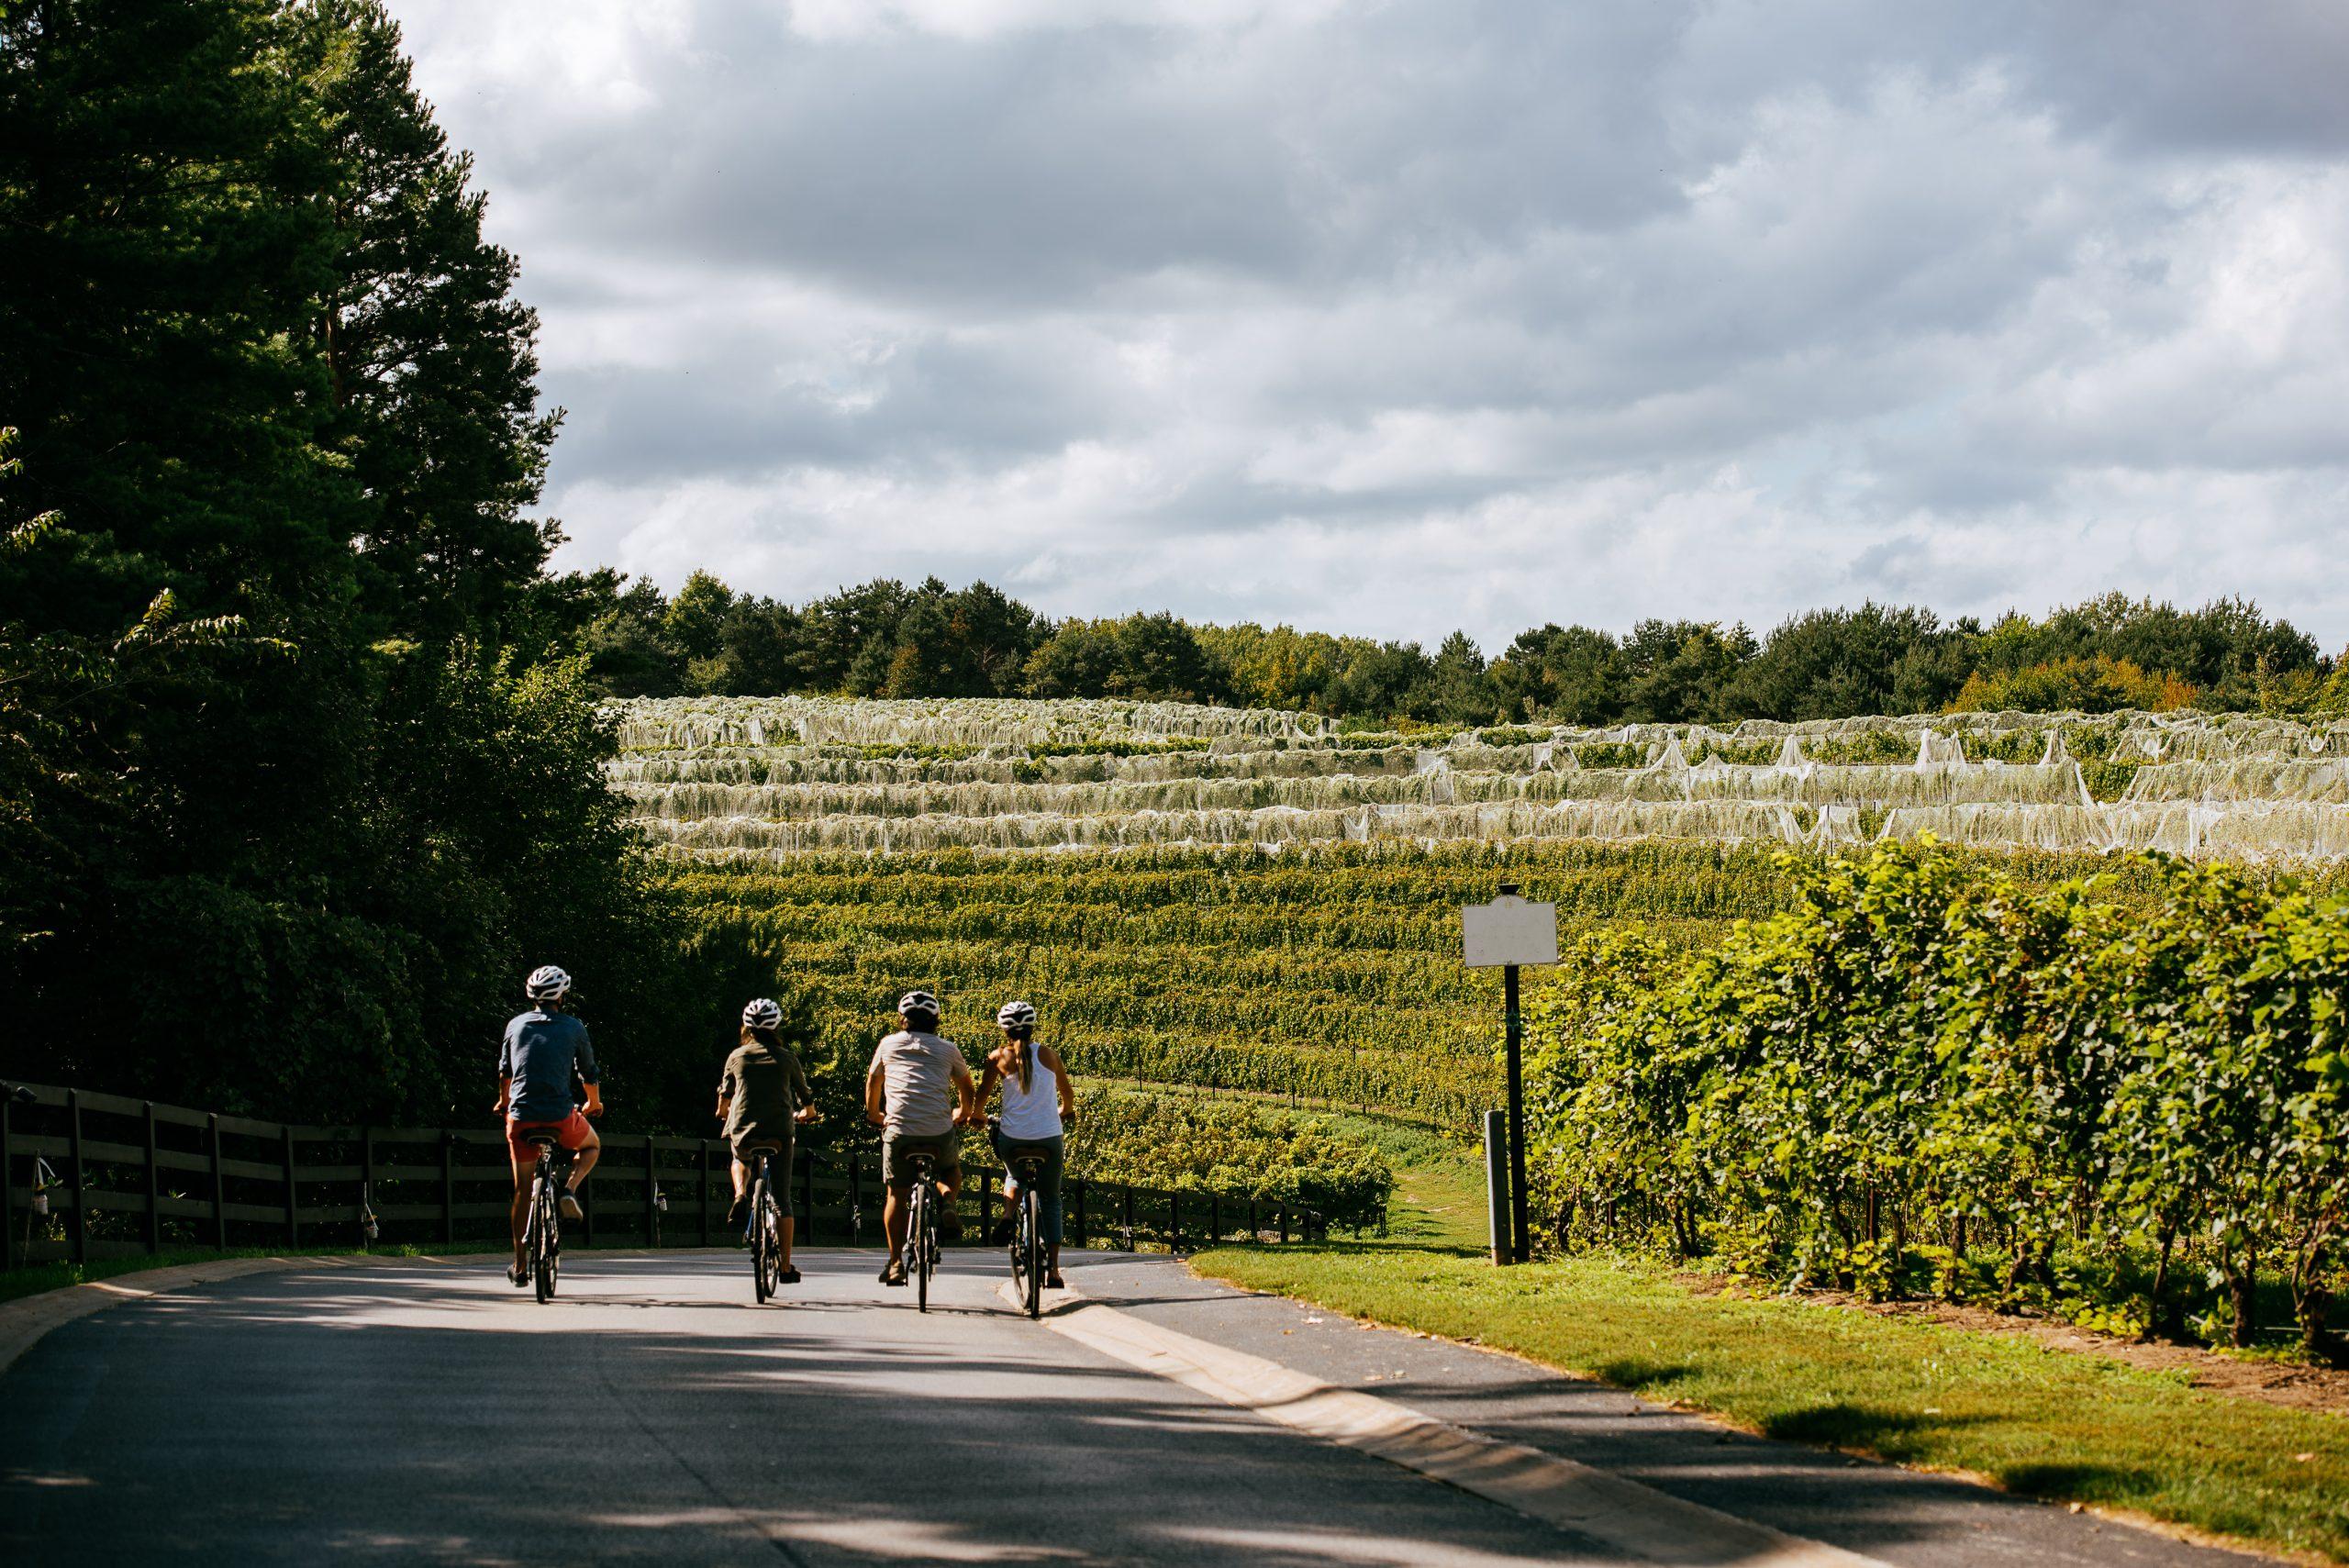 altarocca wine resort - umbria